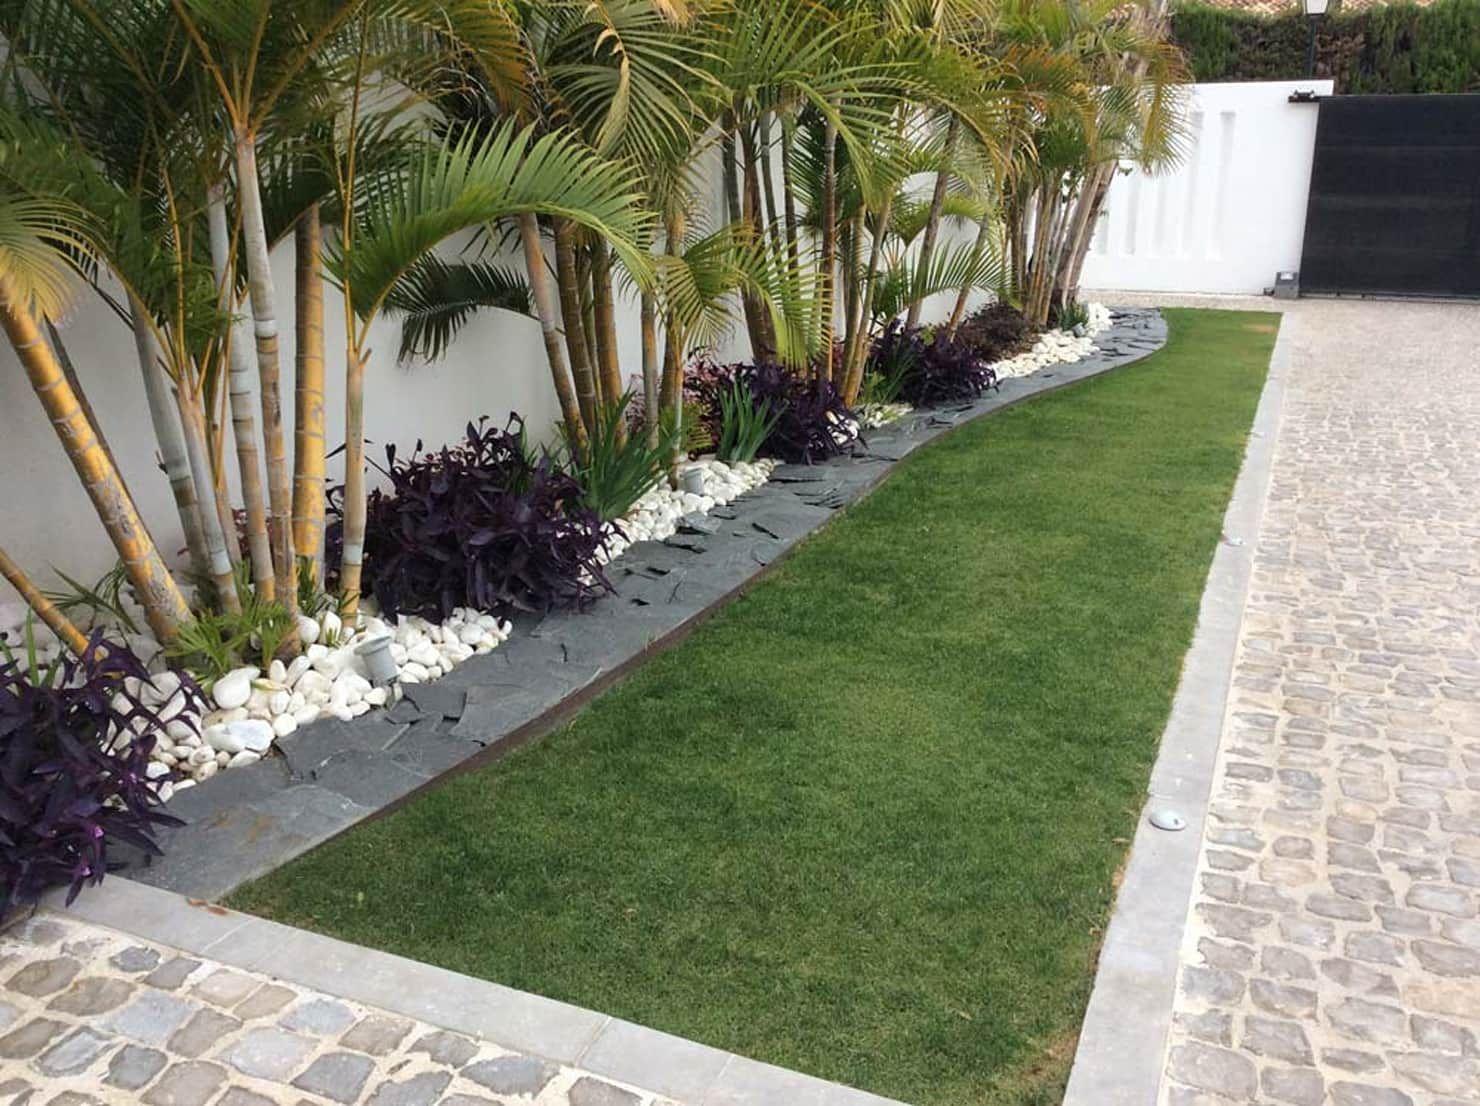 Immagini Di Giardini Moderni : Giardino in stile in stile moderno di beatrice perlac adarve